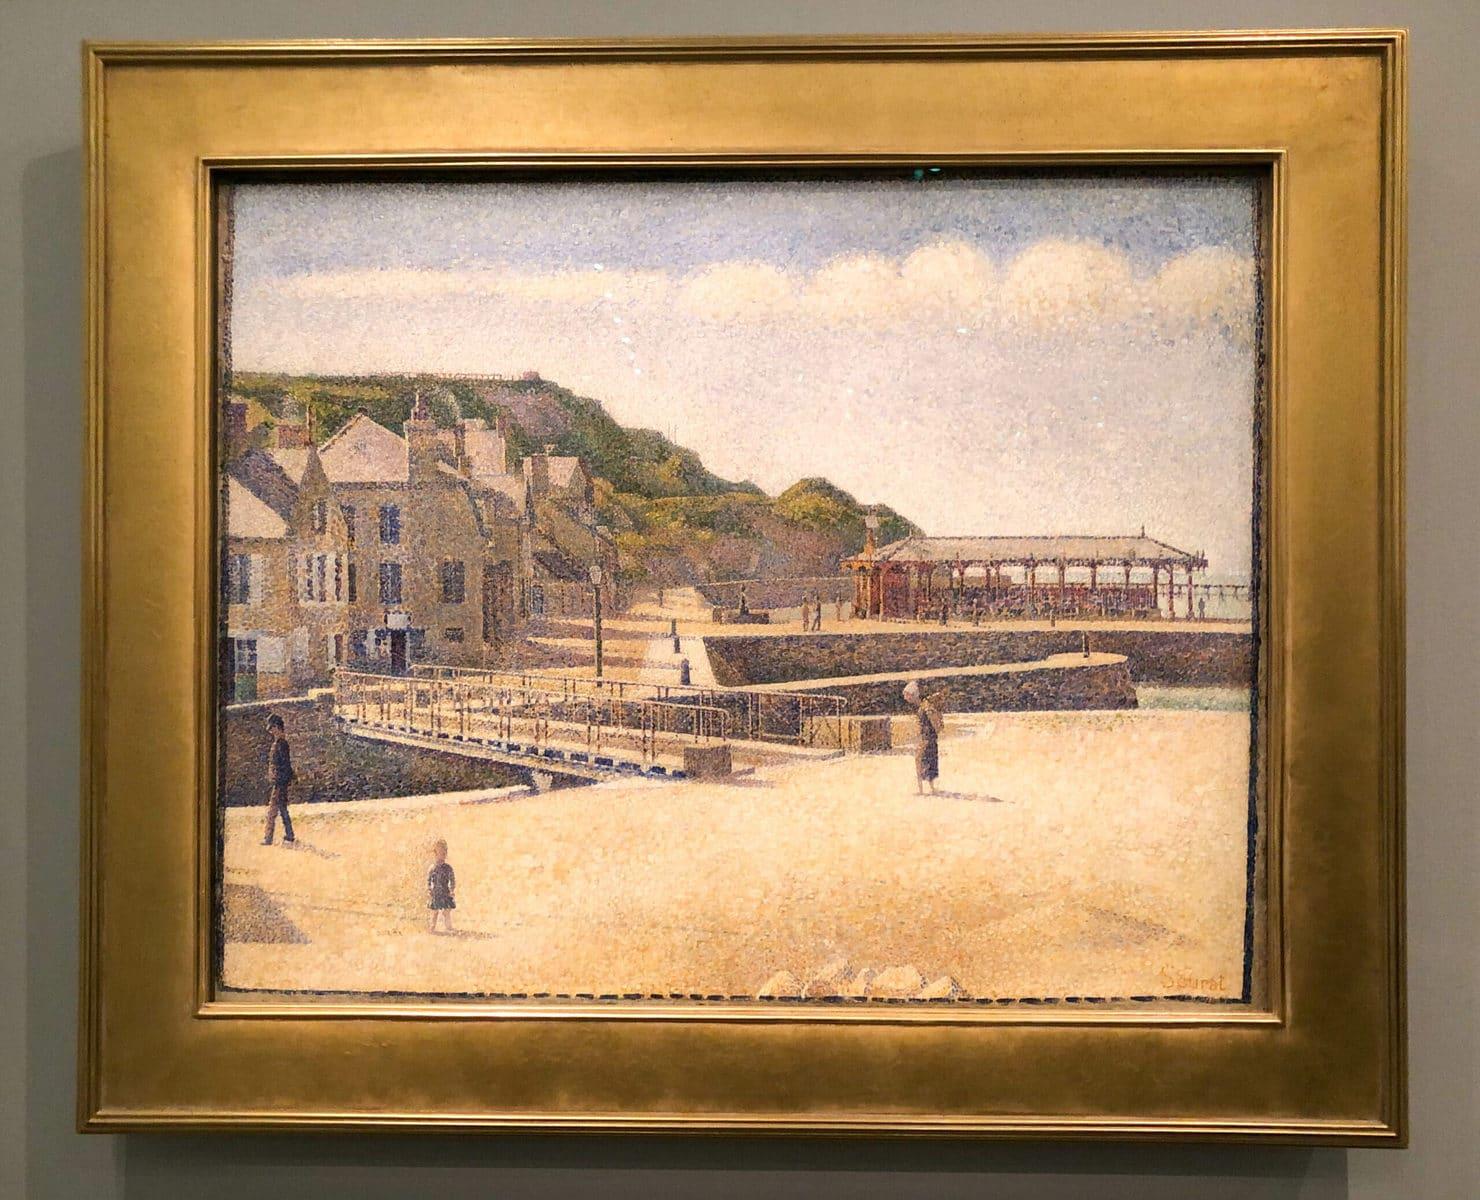 George Seurat: Le pont et les quais à Port-en-Bessin, Musée de l'Orangerie, Paris